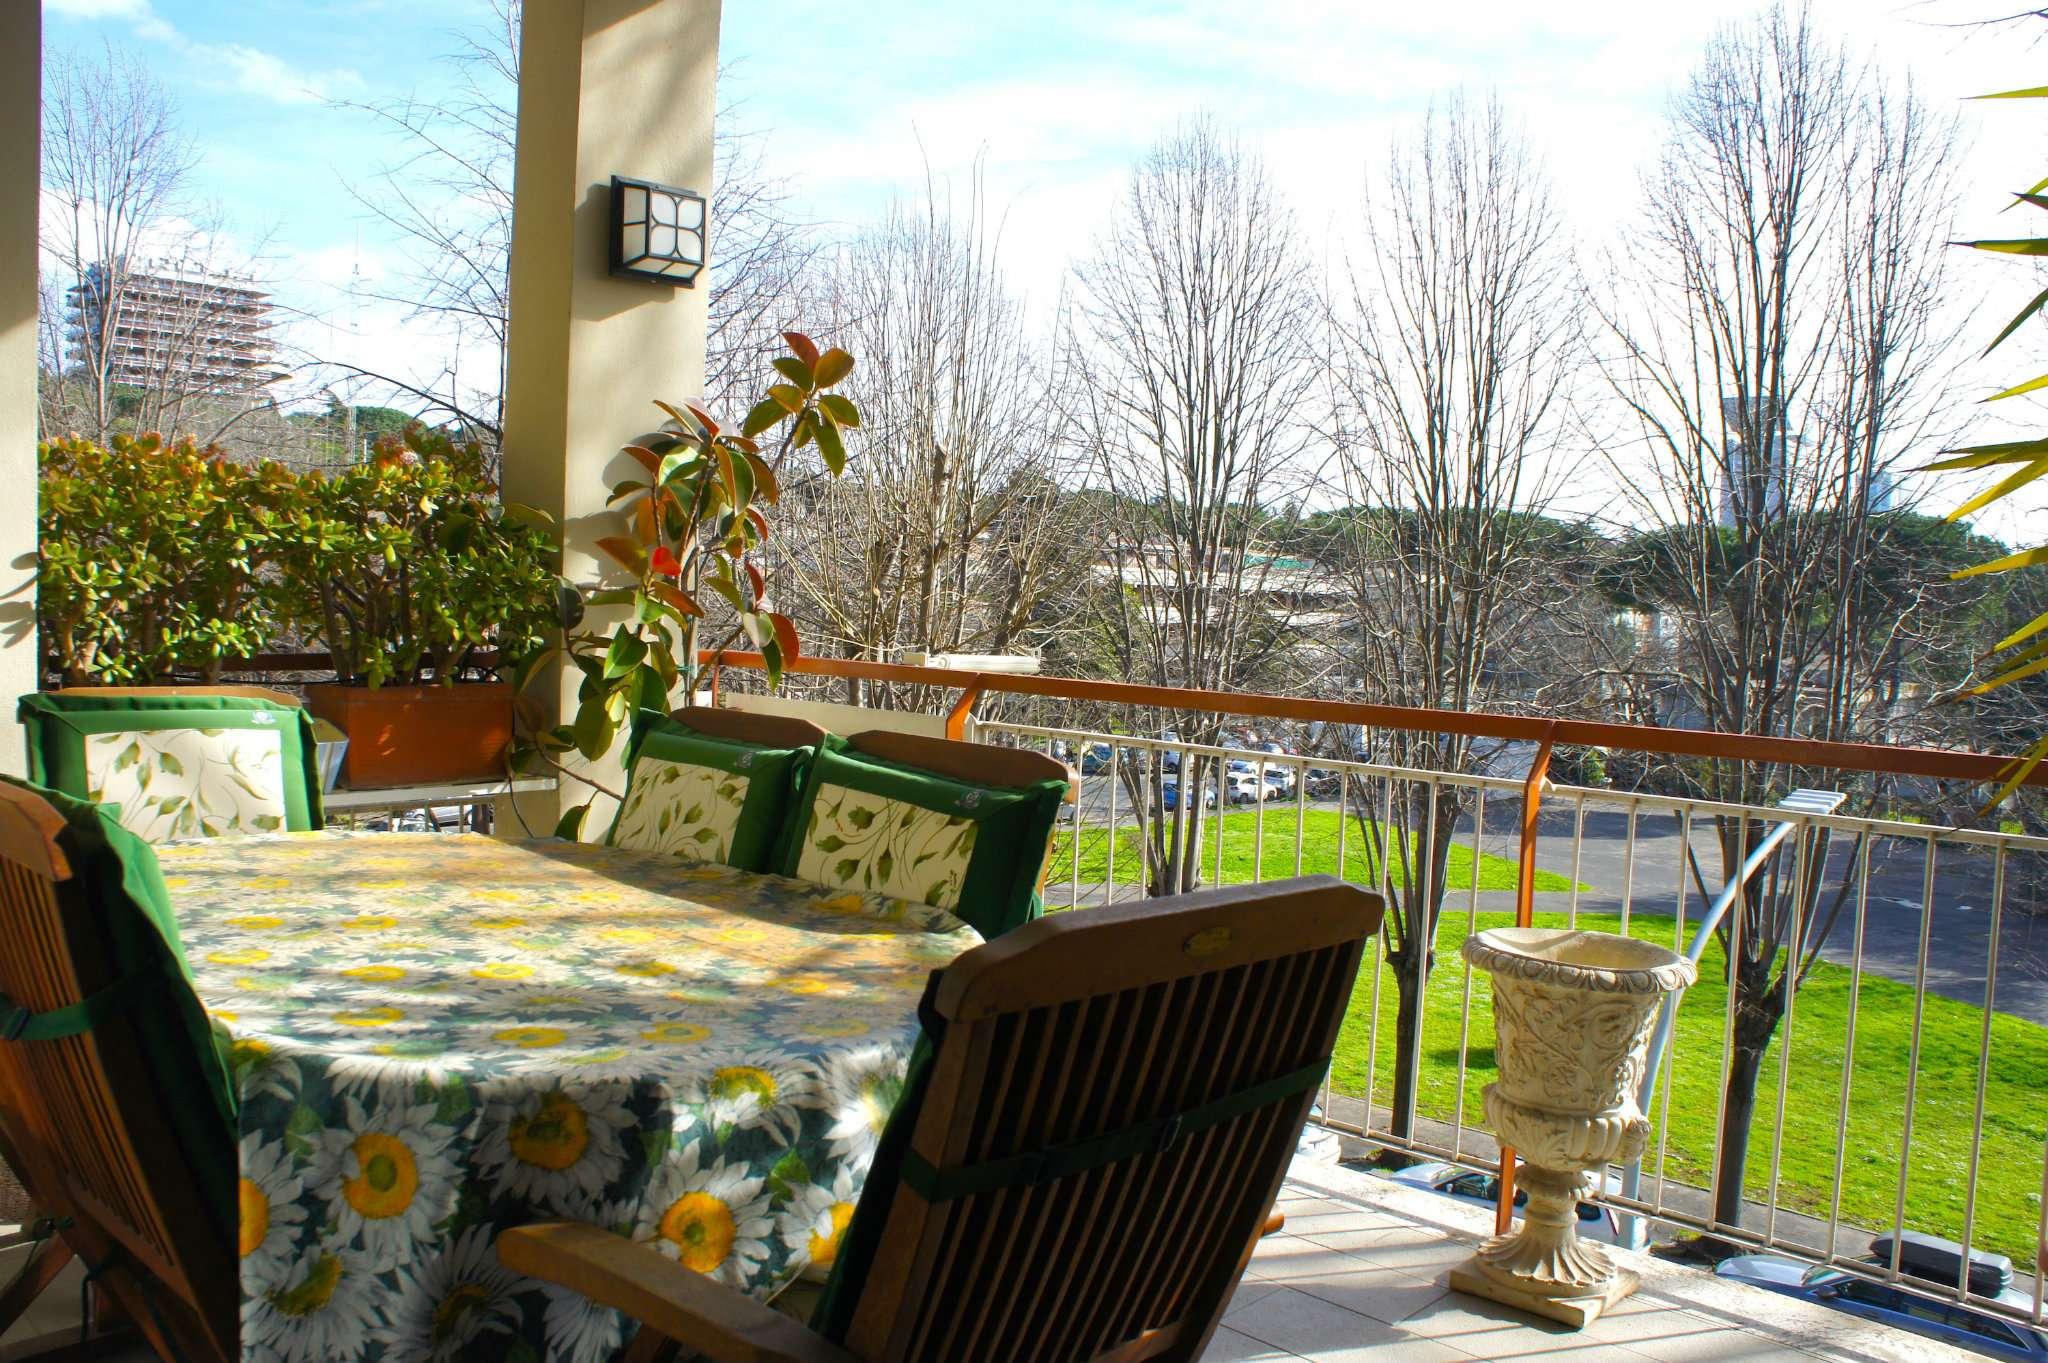 appartamento vendita roma di metri quadrati 165 prezzo 749000 nella zona di  eur torrino rif appartamento 7fecb389267